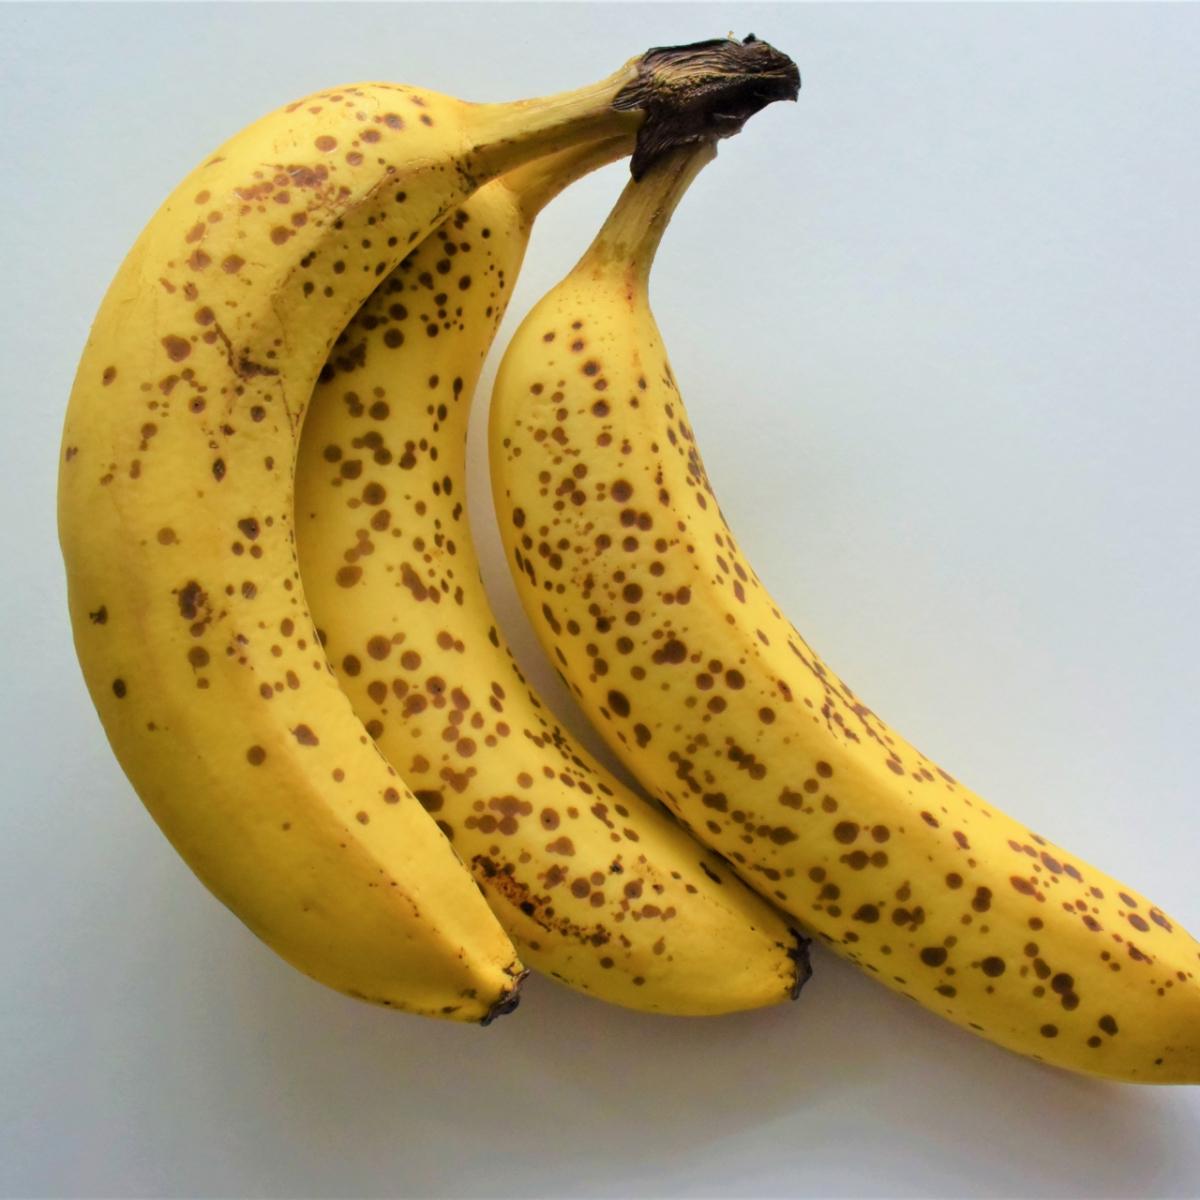 保存 バナナ 冷蔵